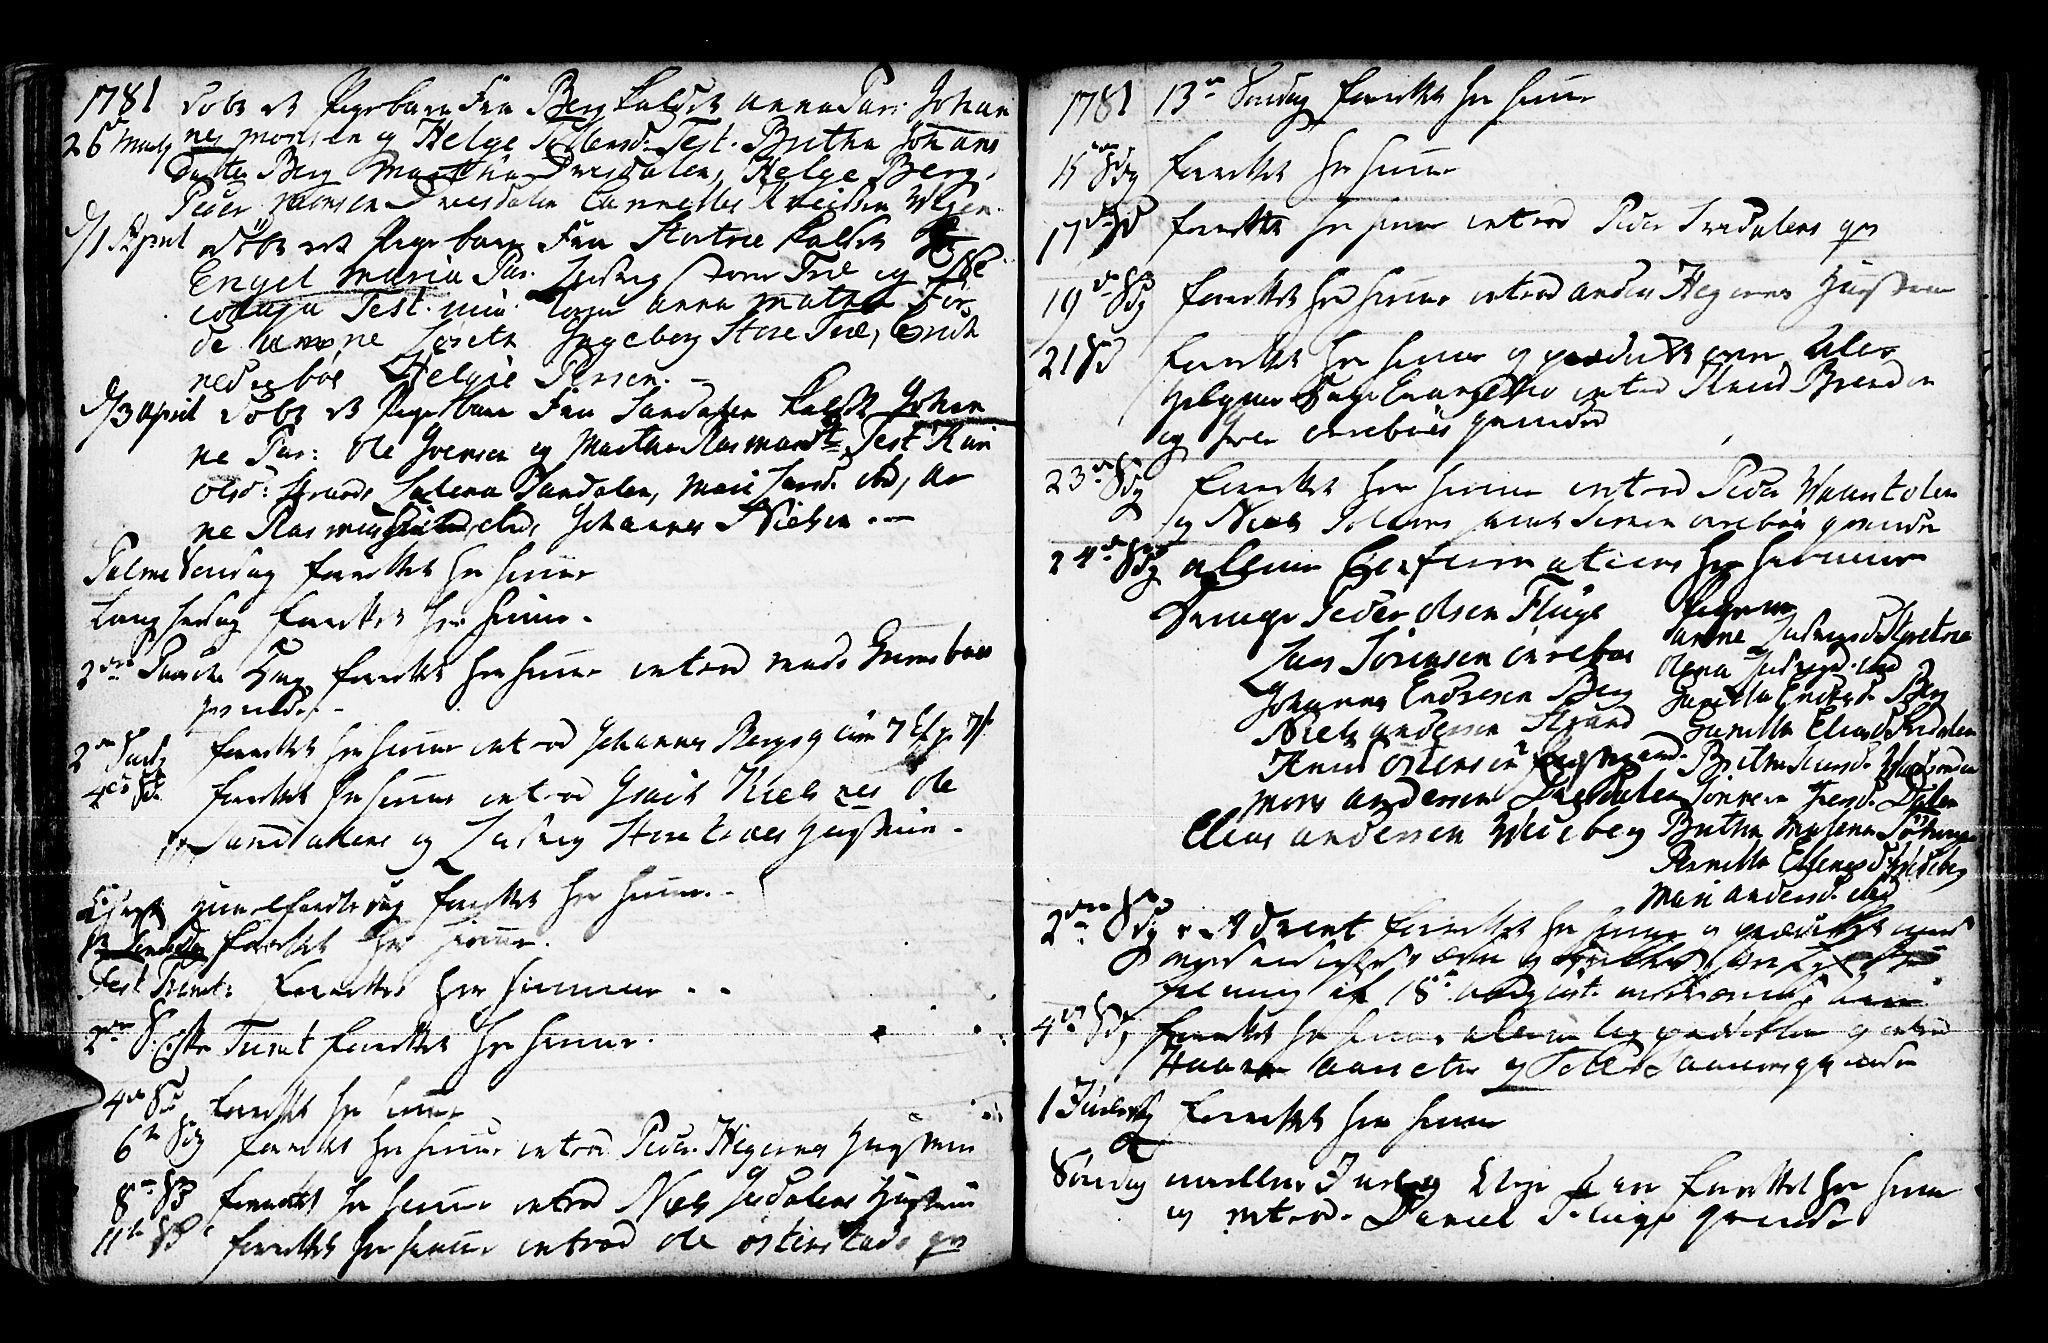 SAB, Jølster Sokneprestembete, Ministerialbok nr. A 3, 1748-1789, s. 174